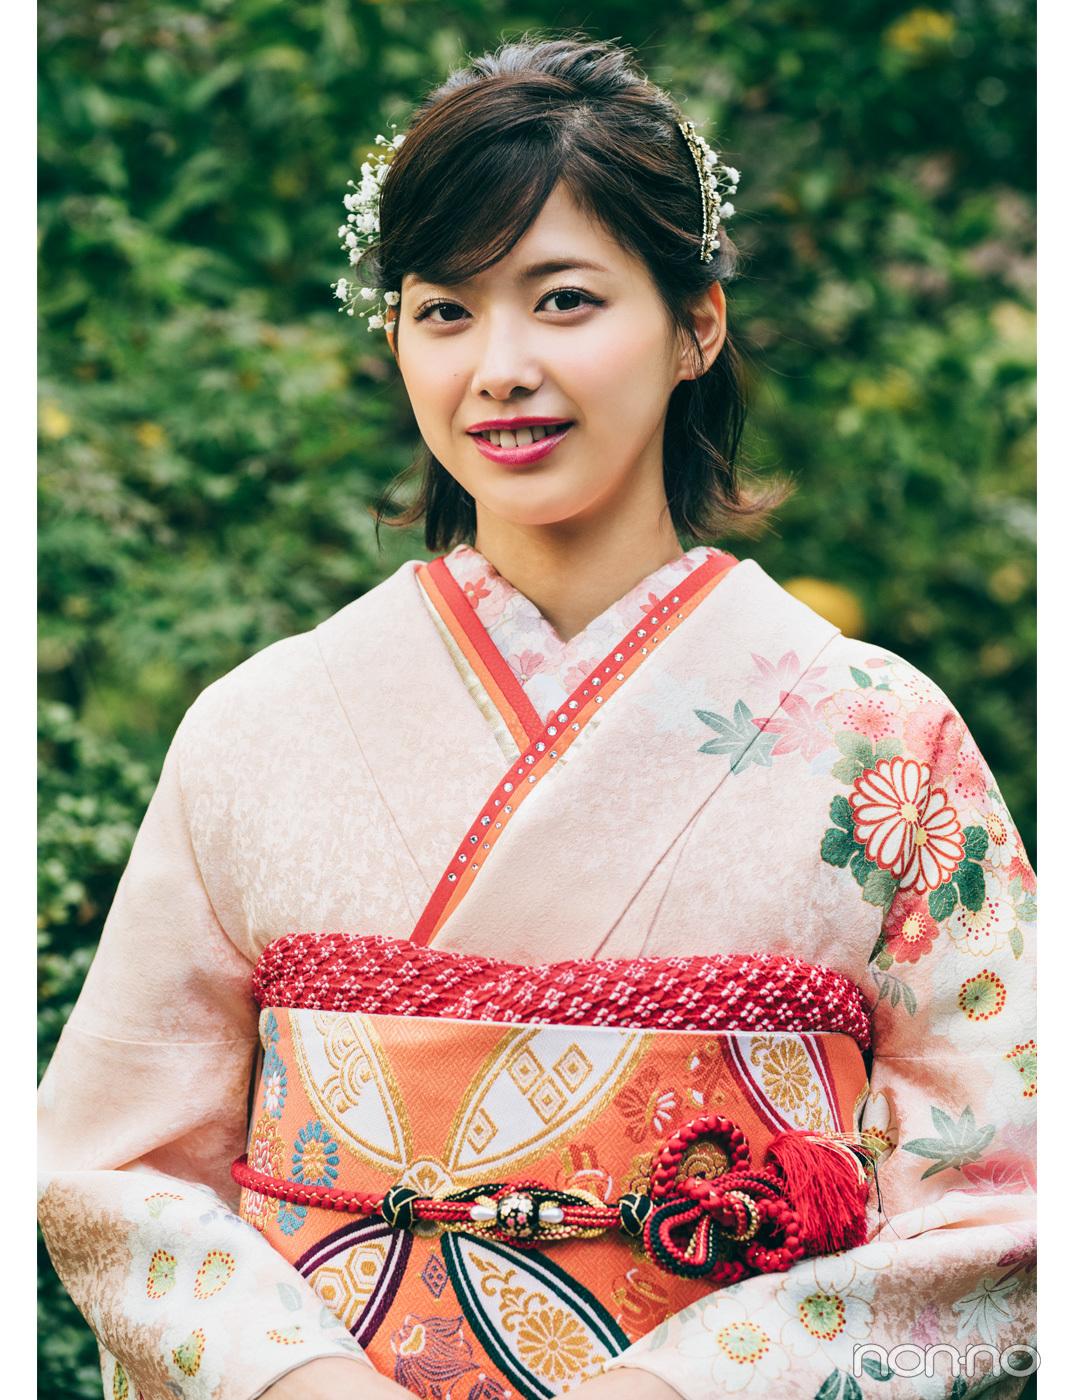 渡邉理佐の振袖コーデ♡ ピンクは同系色合わせで上品&可愛らしく【成人式2020】_1_2-1